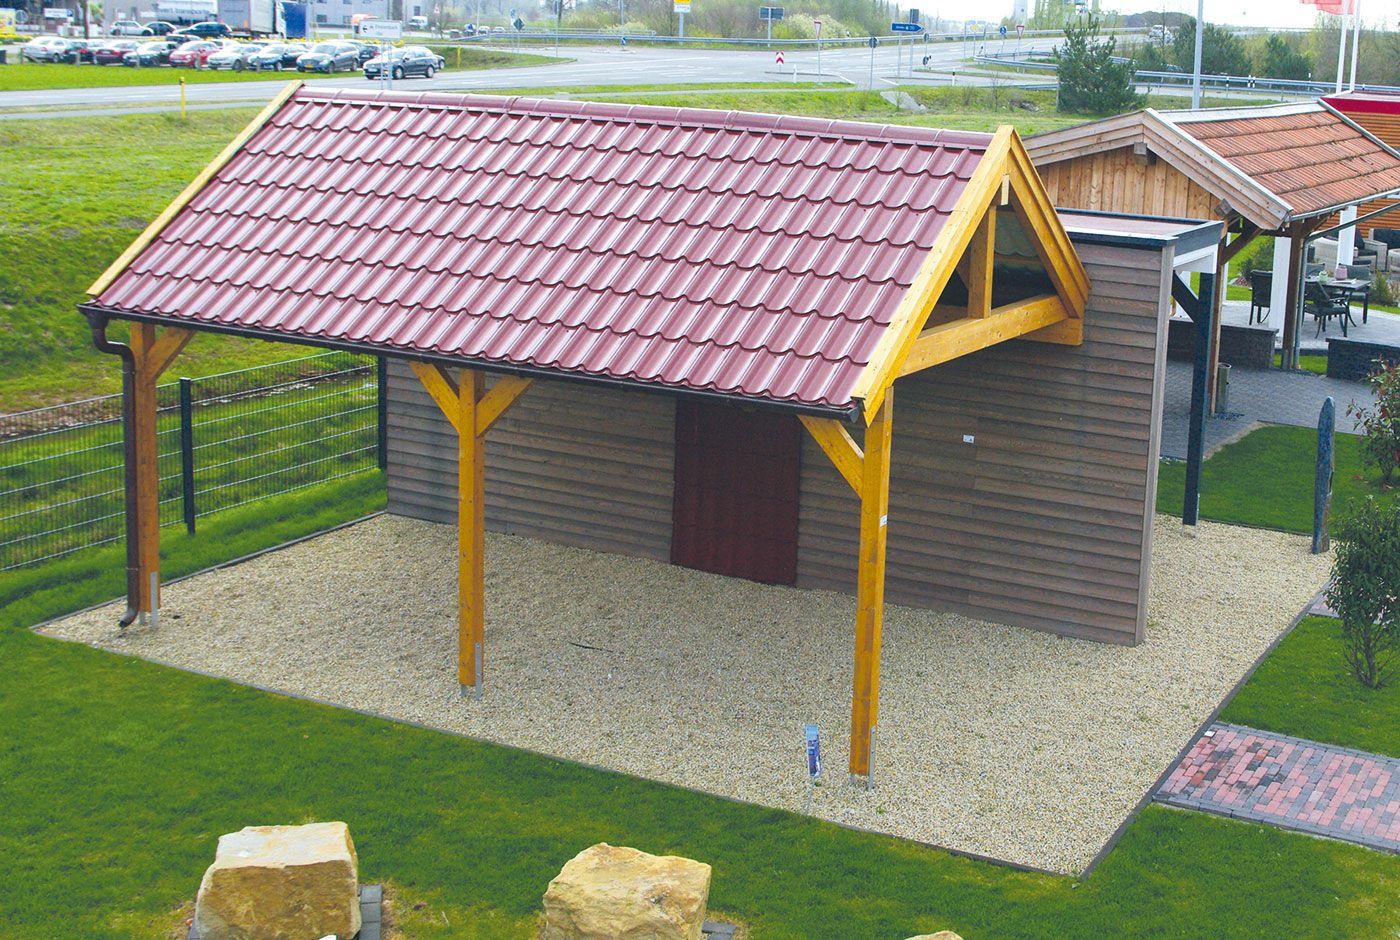 Sie Wollen Kein Carport Mit Flachdach Eine Alternative Bietet Das Satteldachcarport Aus Holz Es Kann Mit Dachschinde Carport Verkleiden Dachschindeln Carport